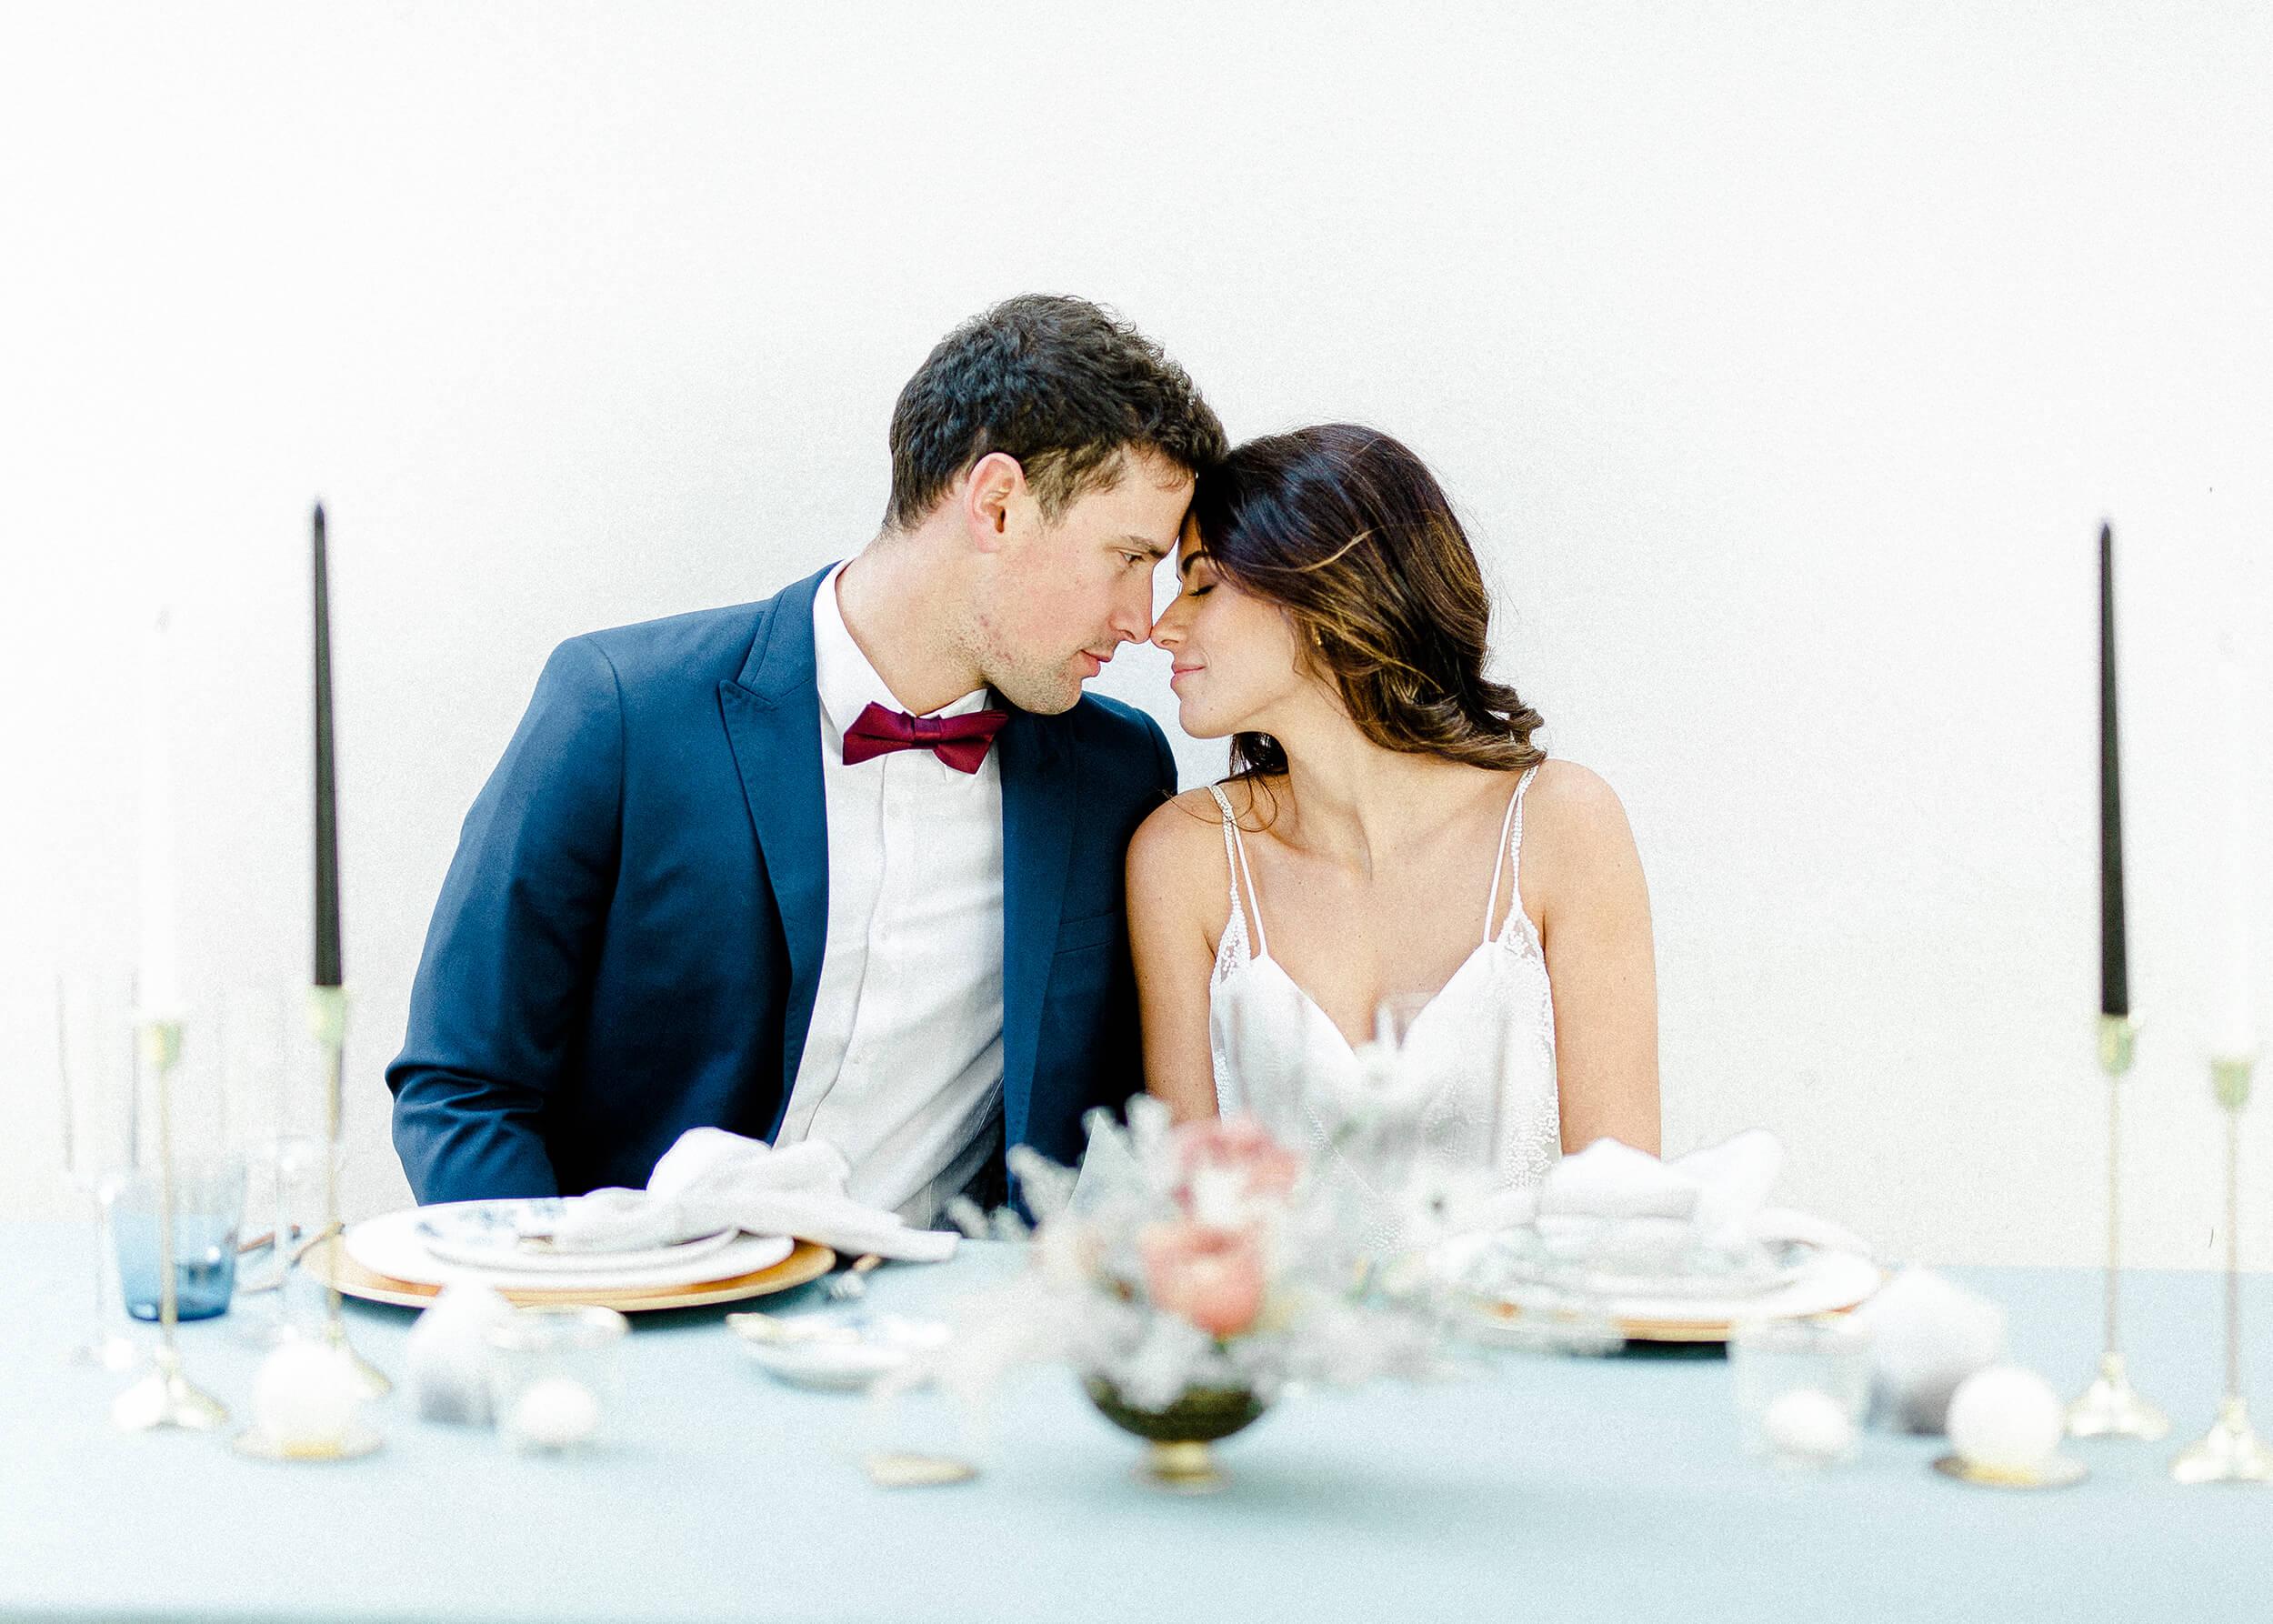 roma-eventos-editorial-acolhedor-de-inverno-inspiracao-casamento-08